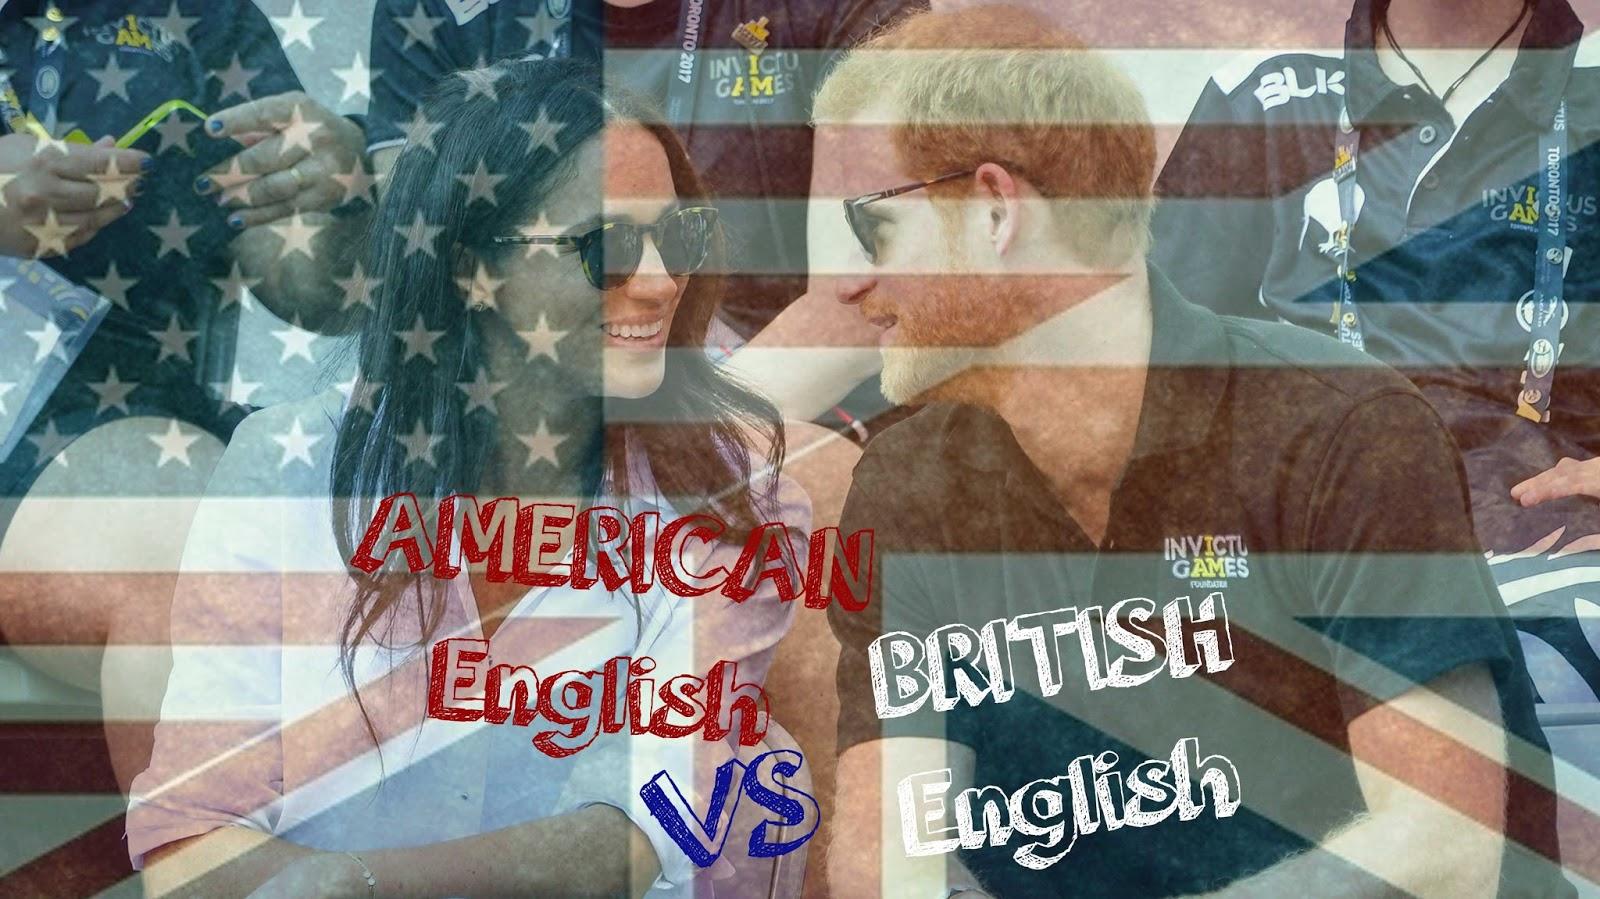 accent-anglais-britannique-ou-americain